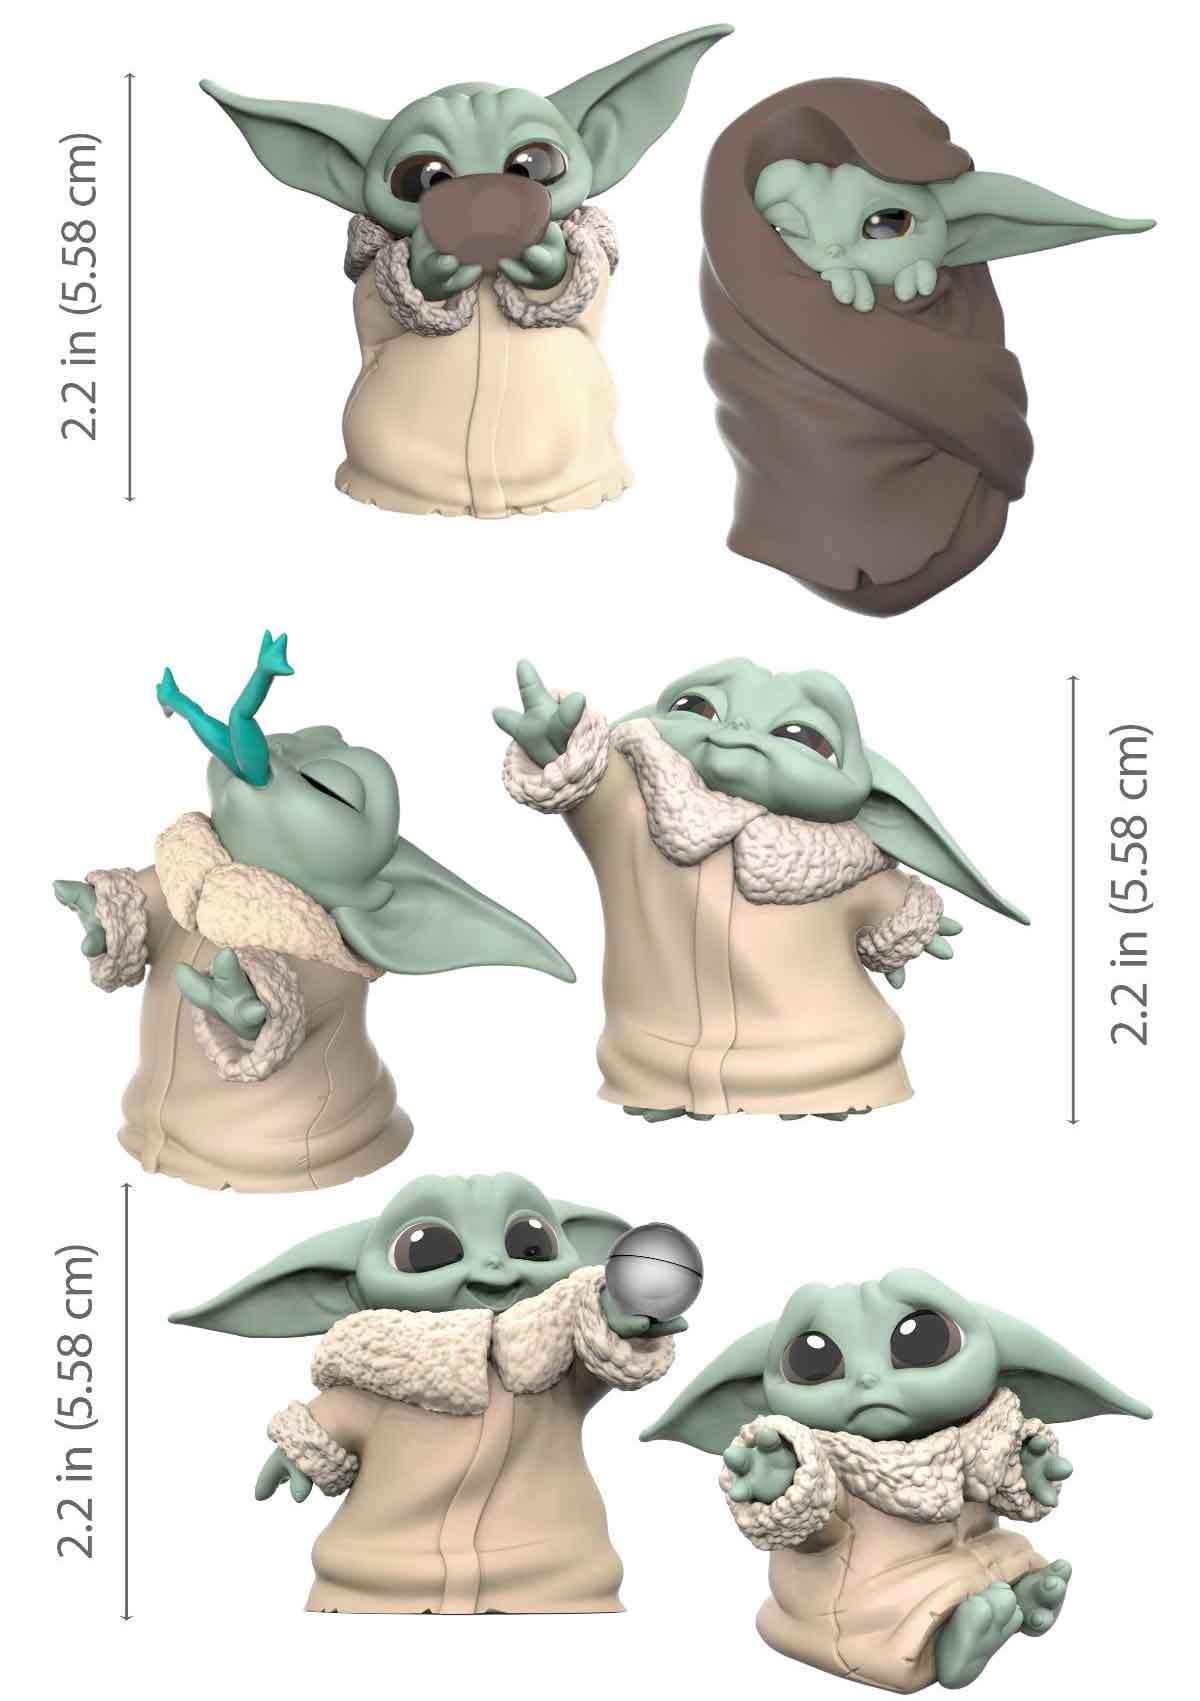 Star Wars revela los primeros juguetes de Baby Yoda ¡Son adorables!